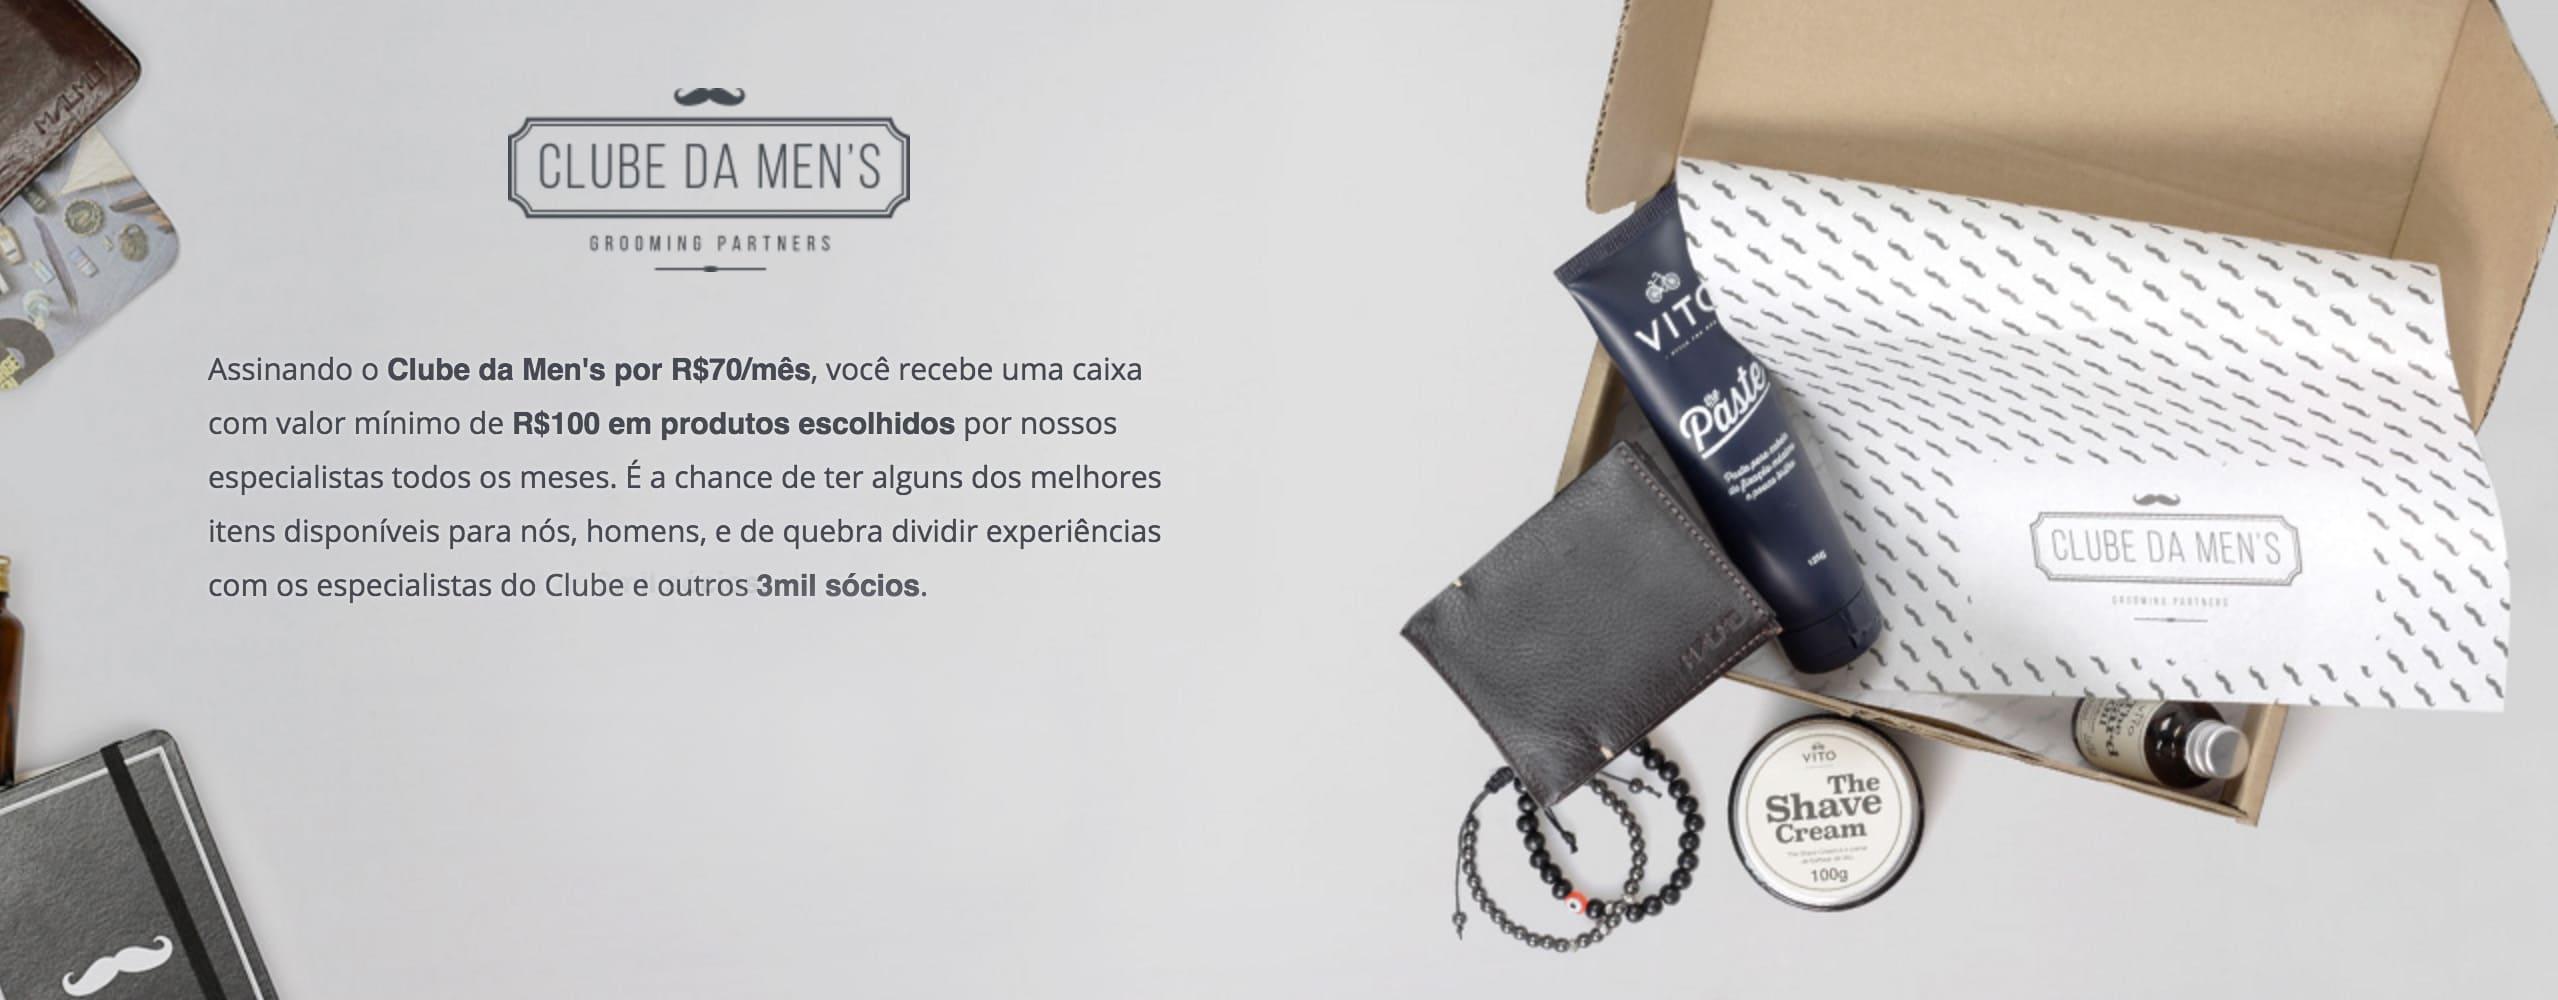 1 1 destaque entrevista Juan Alves para Clube da Men's copy copy